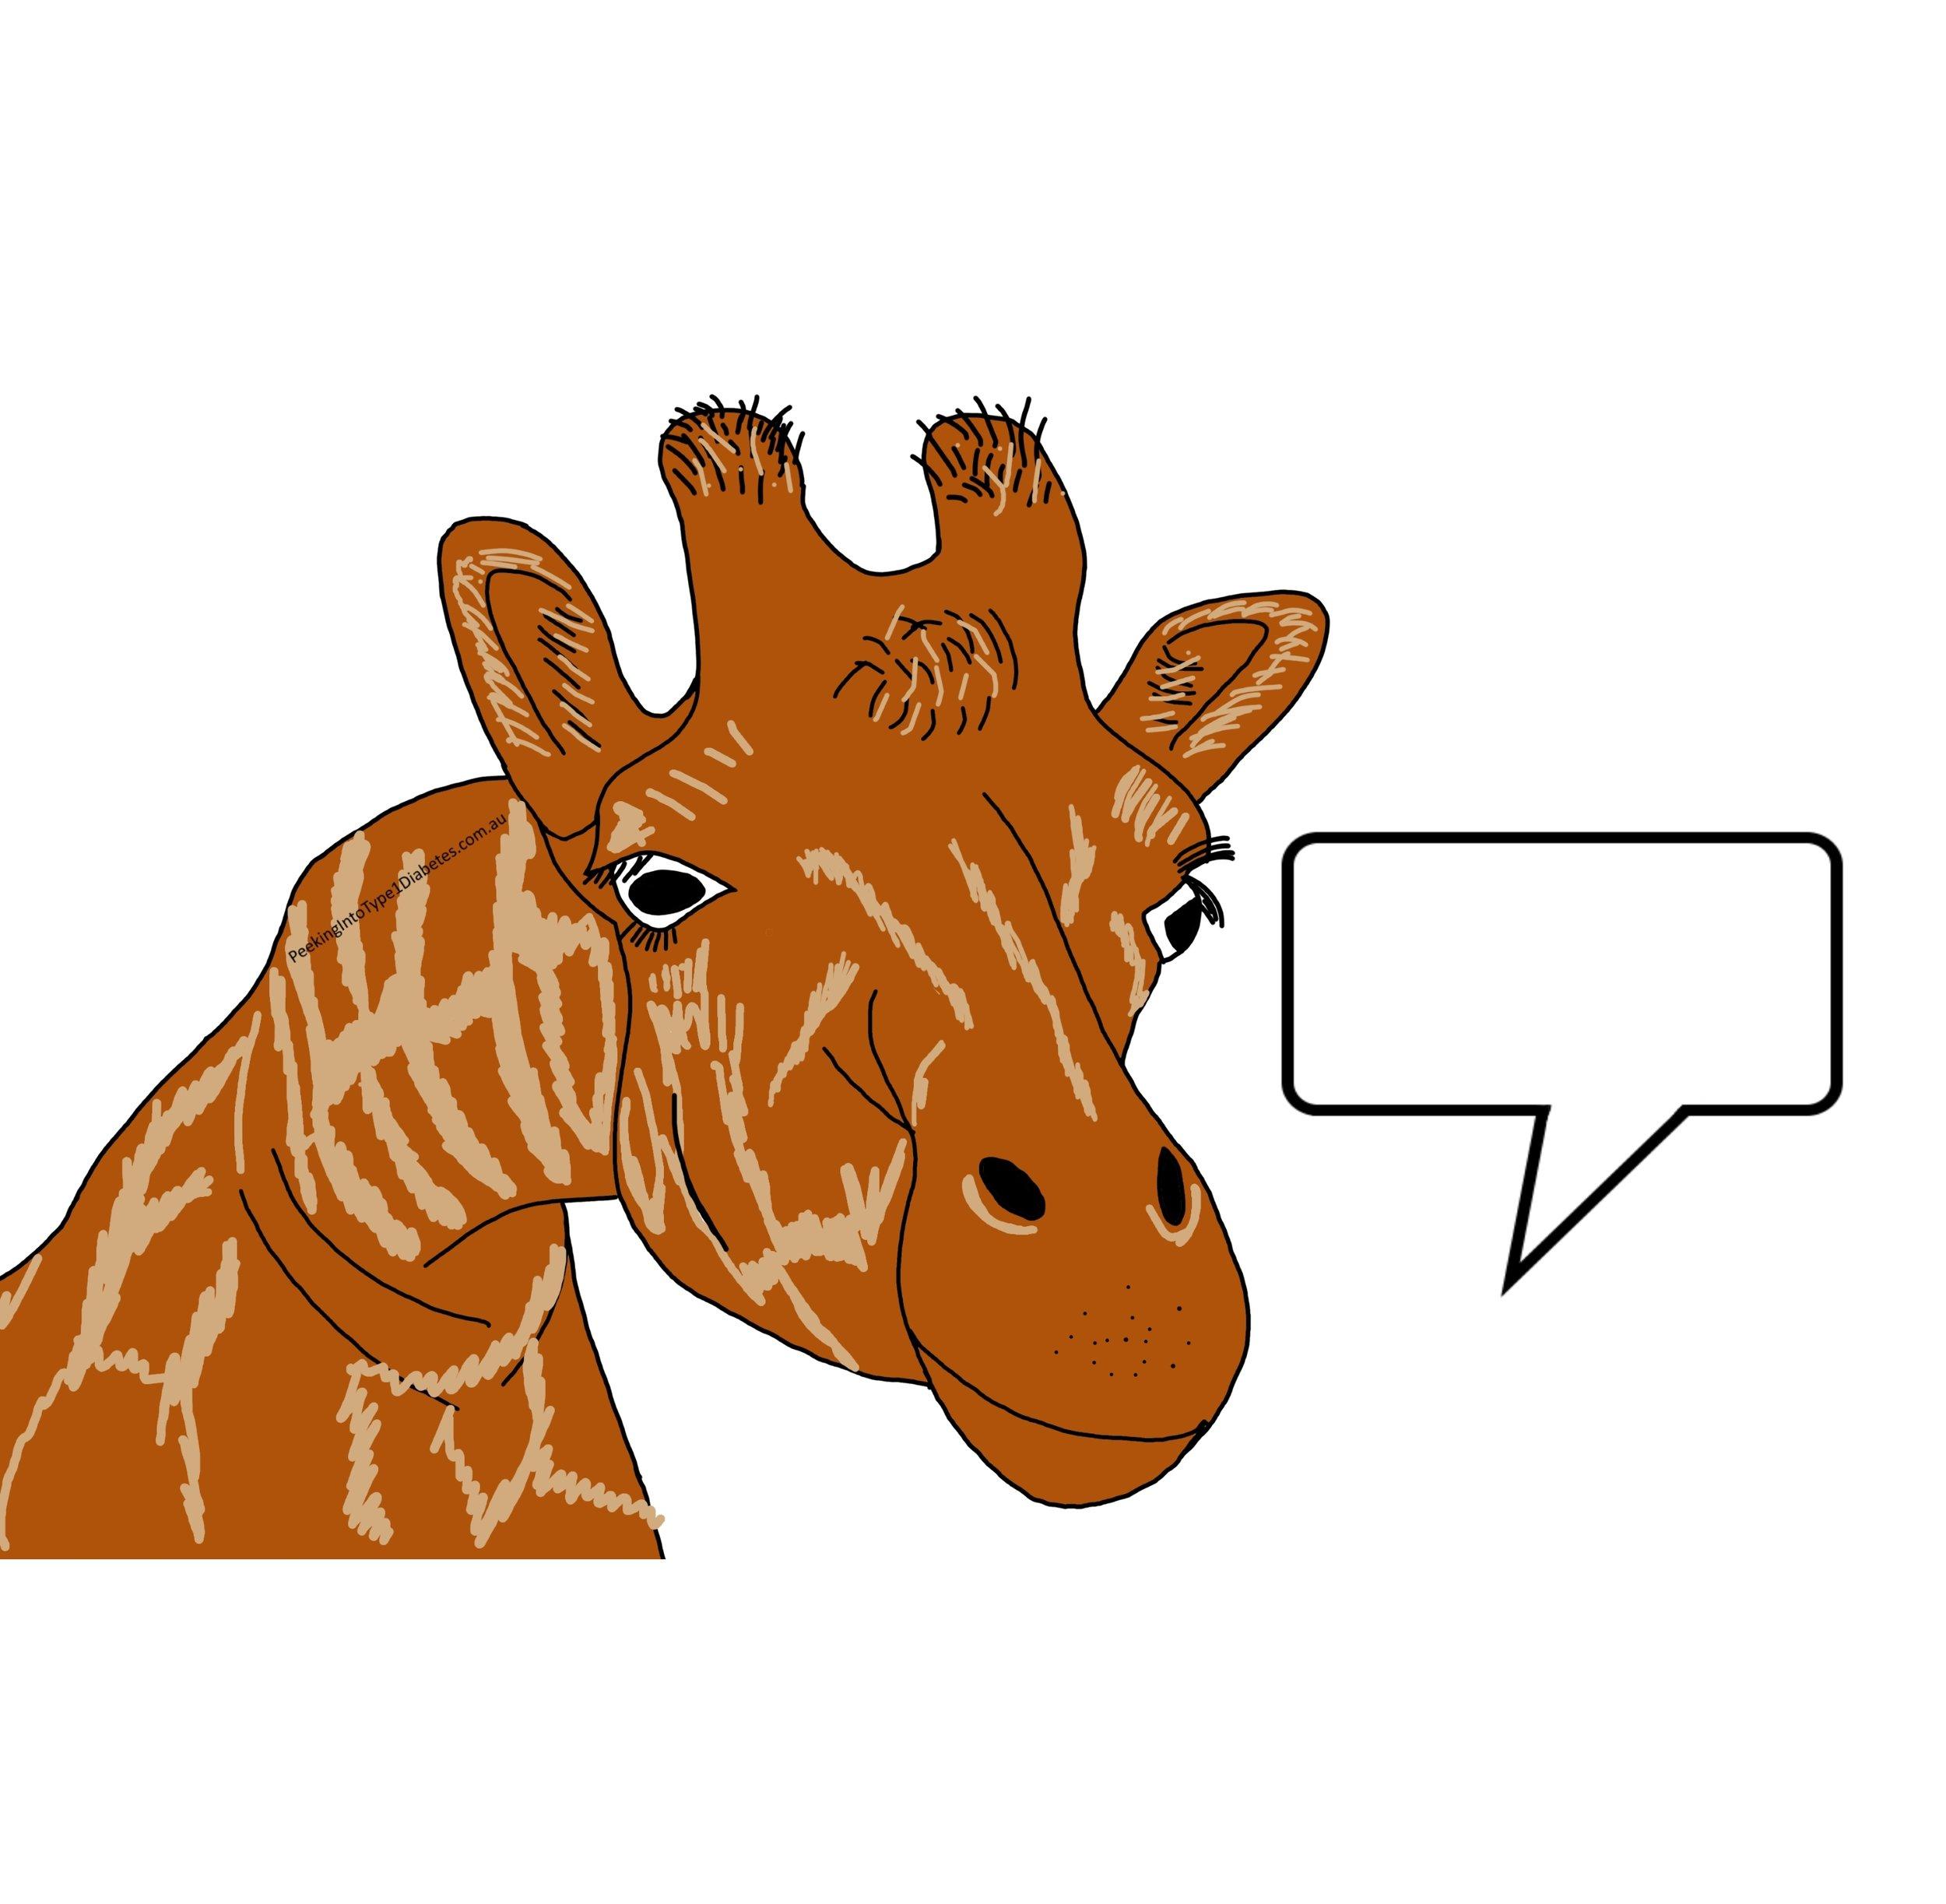 giraffe speech bubble.jpg